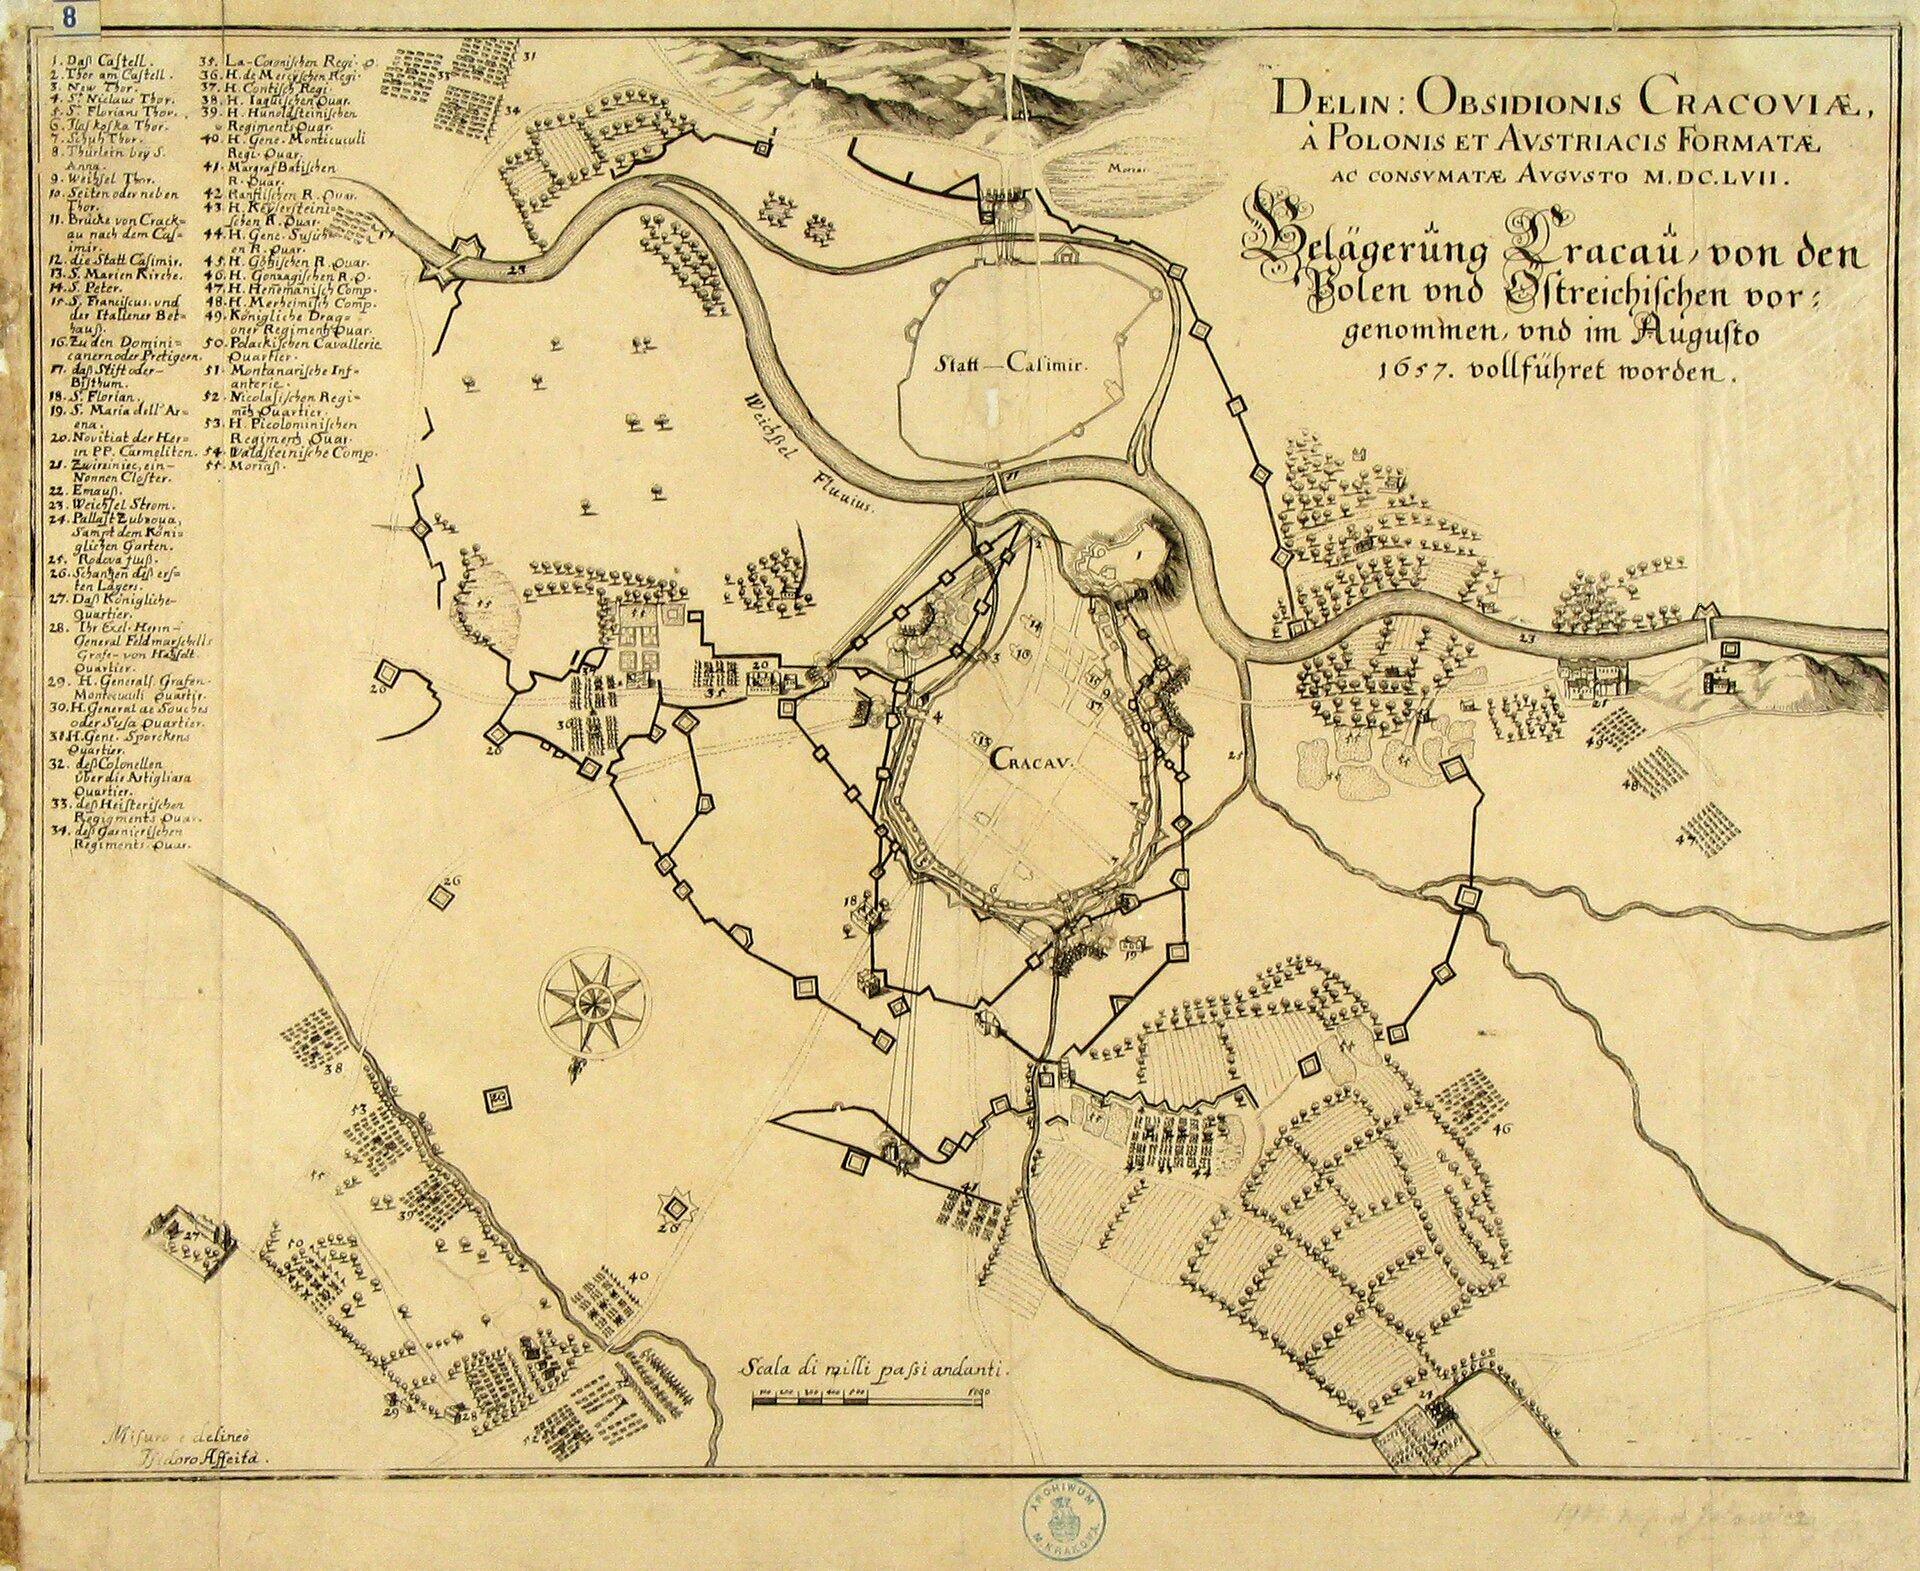 Oblężenie Krakowa w1657 r. Wsierpniu pod Krakowem, zajętym przez wojska szwedzkie isiedmiogrodzkie, stanęła armia cesarska. Wtym samym czasie nadeszły tam ze Lwowa oddziały Lubomirskiego iCzarnieckiego. Gdy sprzymierzone wojska szykowały się do szturmu, do Krakowa nadszedł rozkaz od księcia Rakoczego, oblężonego wtym czasie przez Tatarów, nakazujący Węgrom oddanie Krakowa. Osamotniony inie mający nadziei na odsiecz szwedzki garnizon skapitulował wkońcu sierpnia na honorowych warunkach. Tak zakończyło się oblężenie Krakowa, lecz oswobodzone miasto było bardzo wyniszczone wwyniku dwuletniej okupacji. Źródło: Izydor Affaita, Oblężenie Krakowa w1657 r., Archiwum Państwowe wKrakowie, domena publiczna.